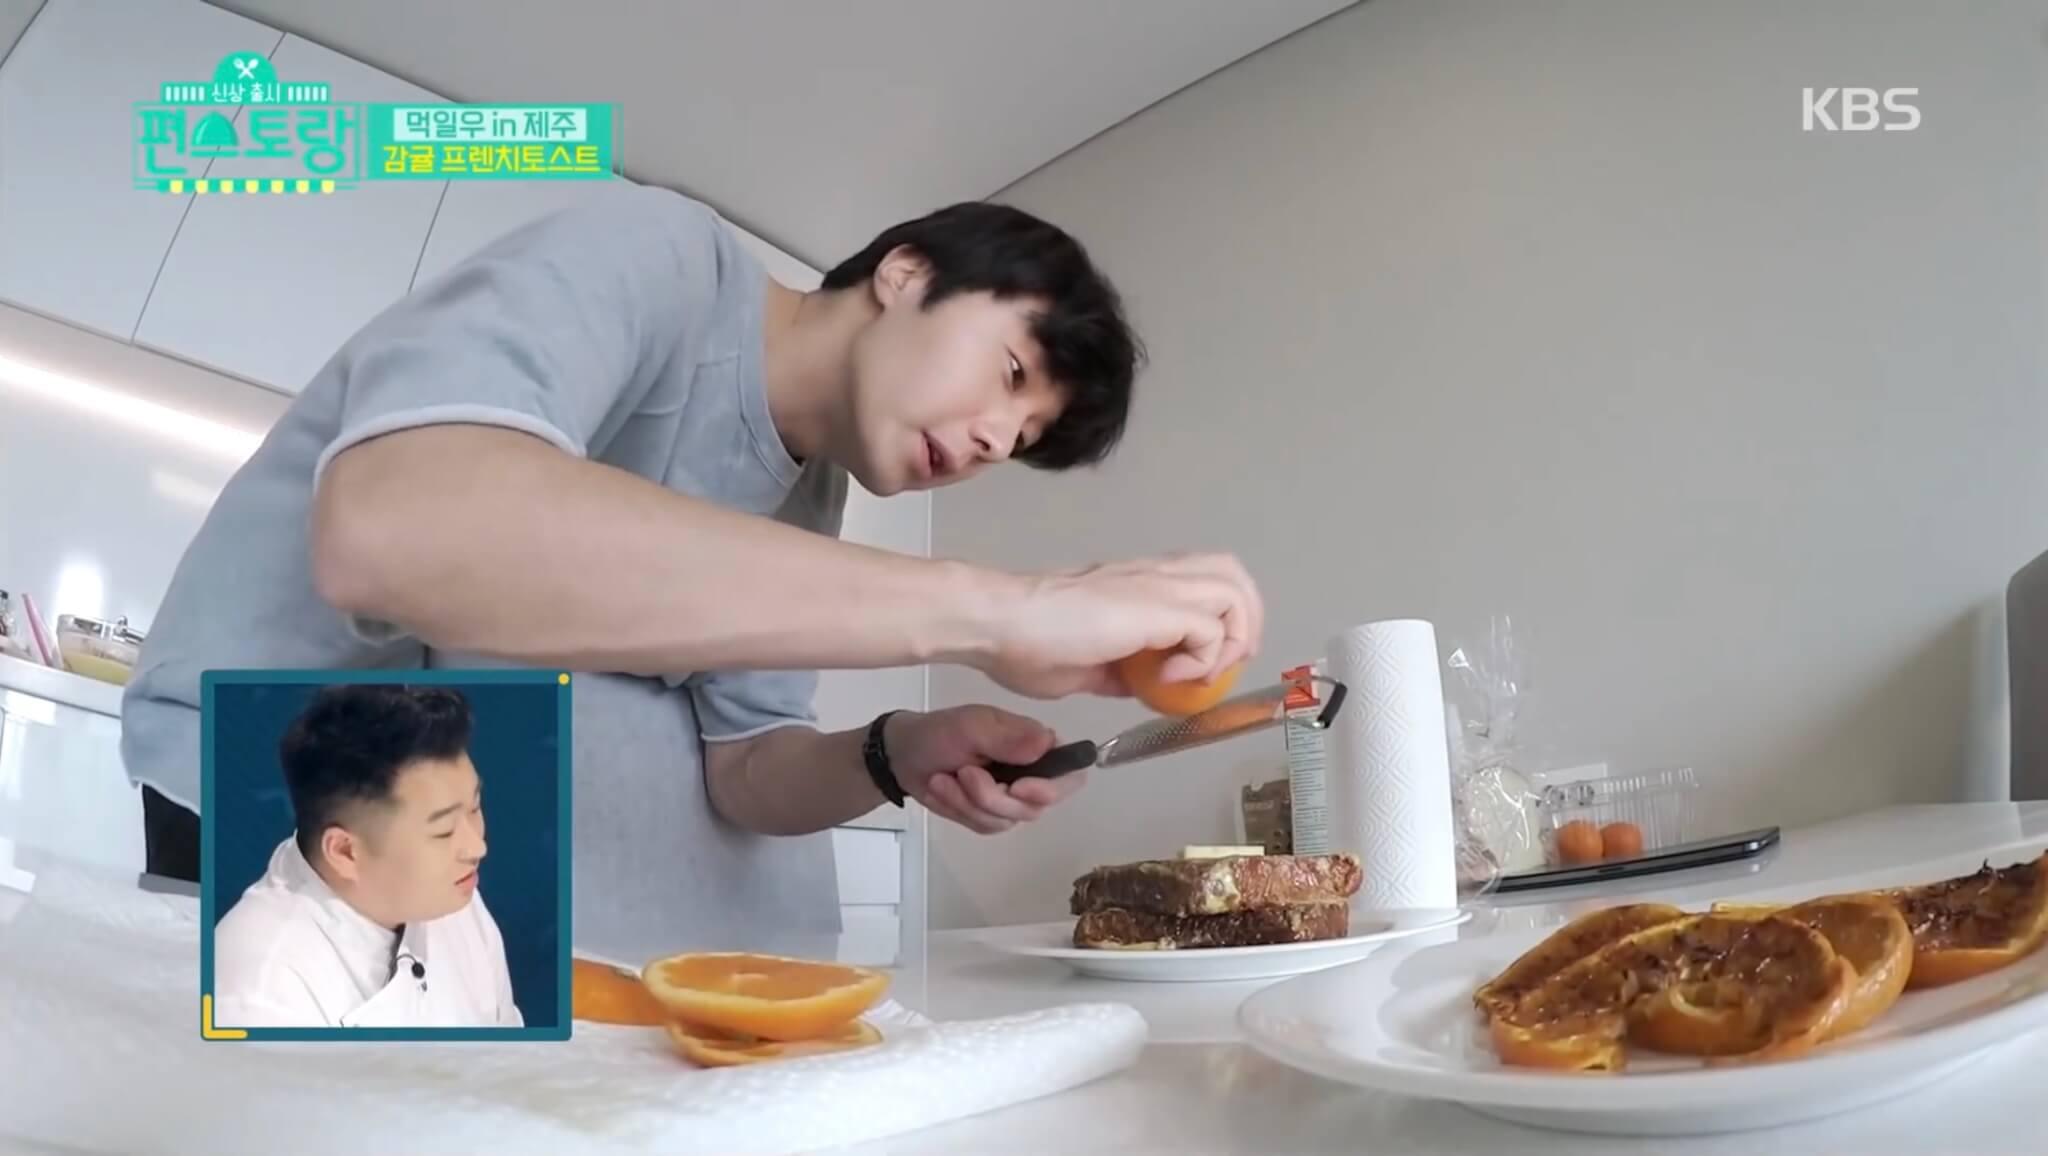 丁一宇本身廚藝了得,喜歡入廚的他,研發的食物甚至在便利店上架。